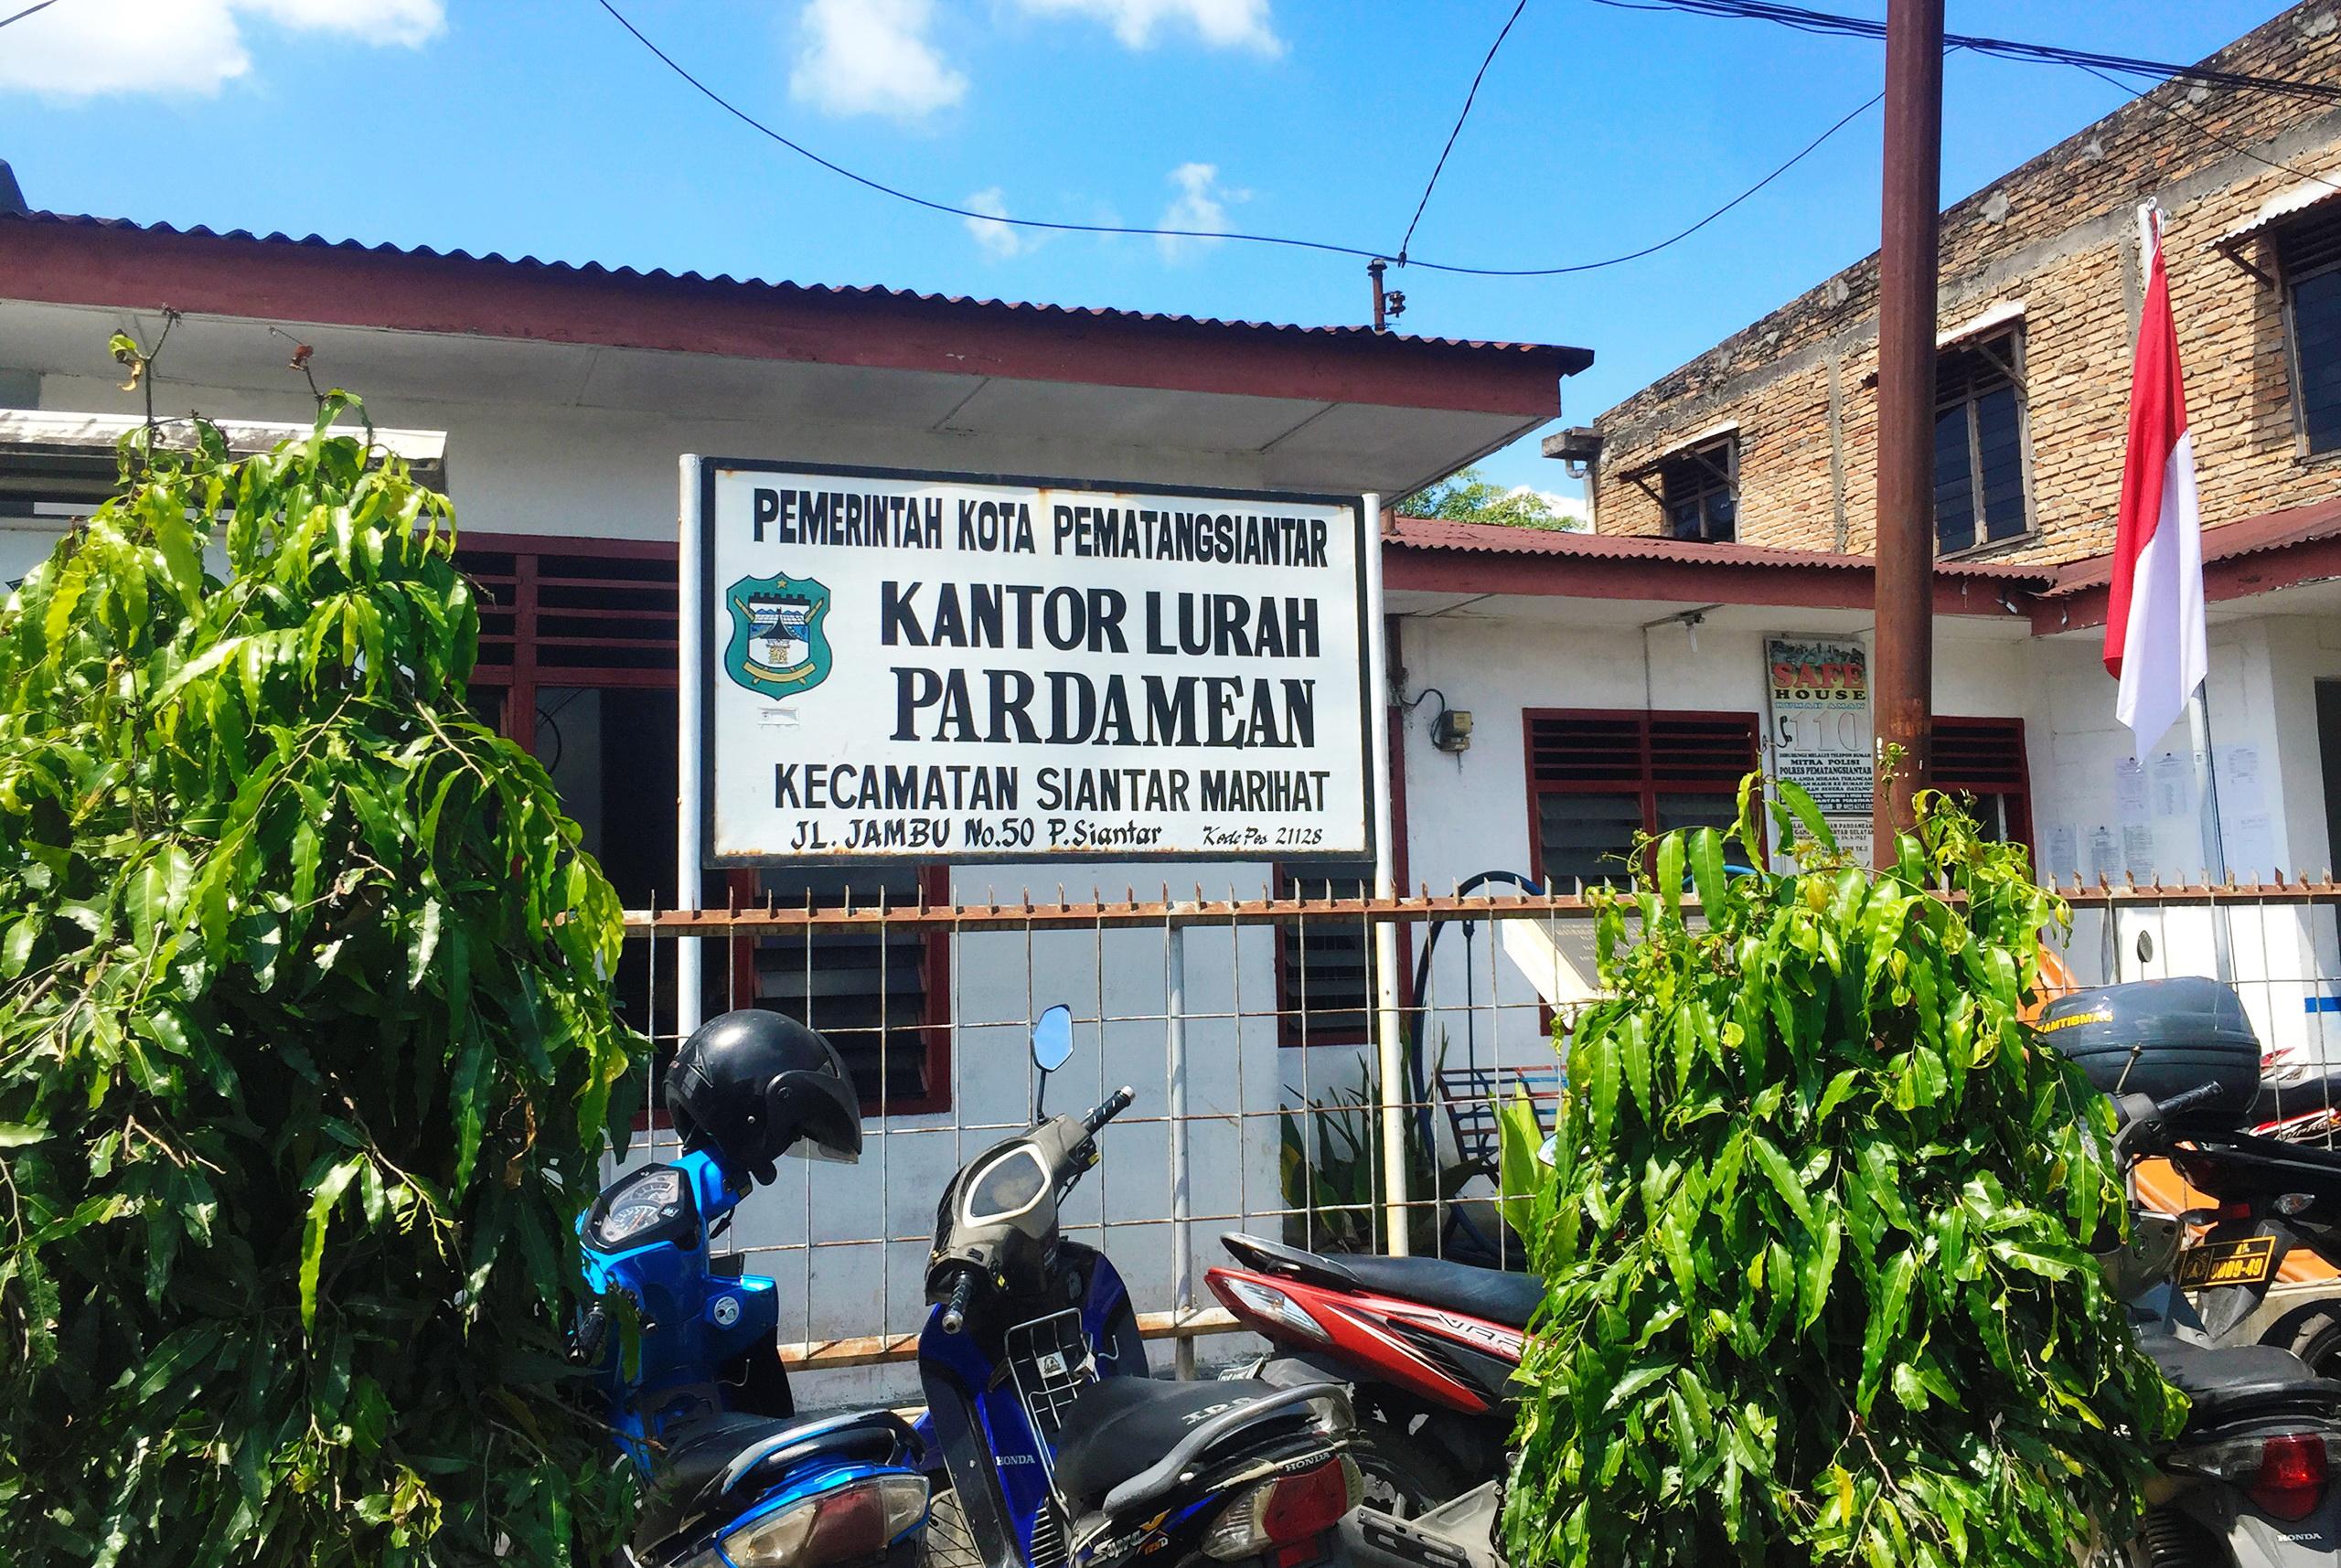 upload.wikimedia.org/wikipedia/commons/8/82/Kel._Pardamean%2C_Kecamatan_Siantar_Marihat%2C_Pematangsiantar.jpg